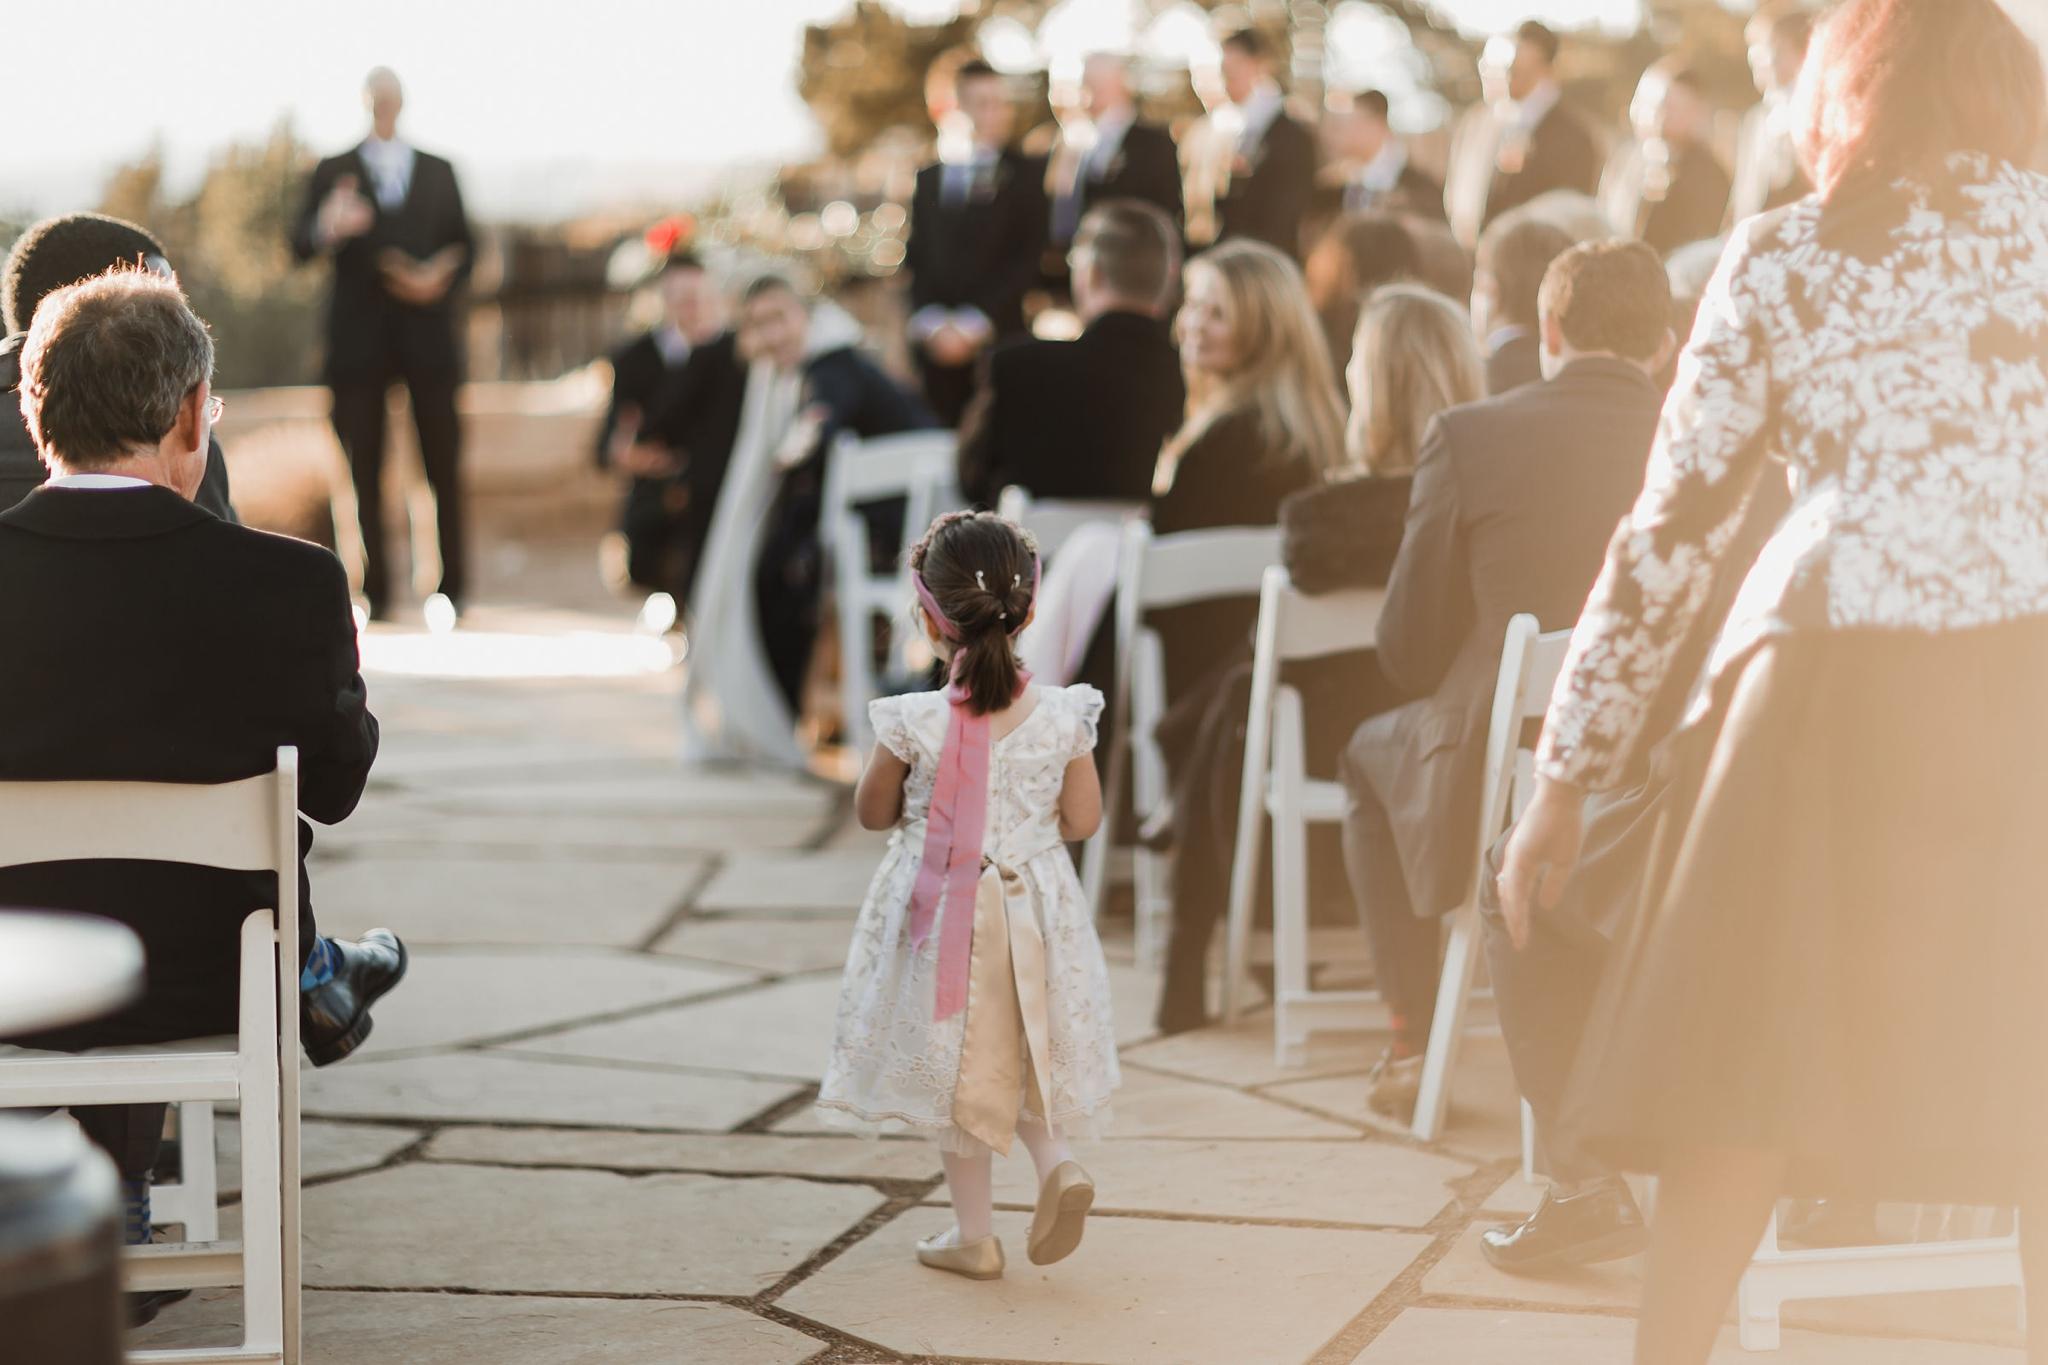 Alicia+lucia+photography+-+albuquerque+wedding+photographer+-+santa+fe+wedding+photography+-+new+mexico+wedding+photographer+-+new+mexico+wedding+-+santa+fe+wedding+-+four+seasons+wedding+-+winter+wedding_0045.jpg